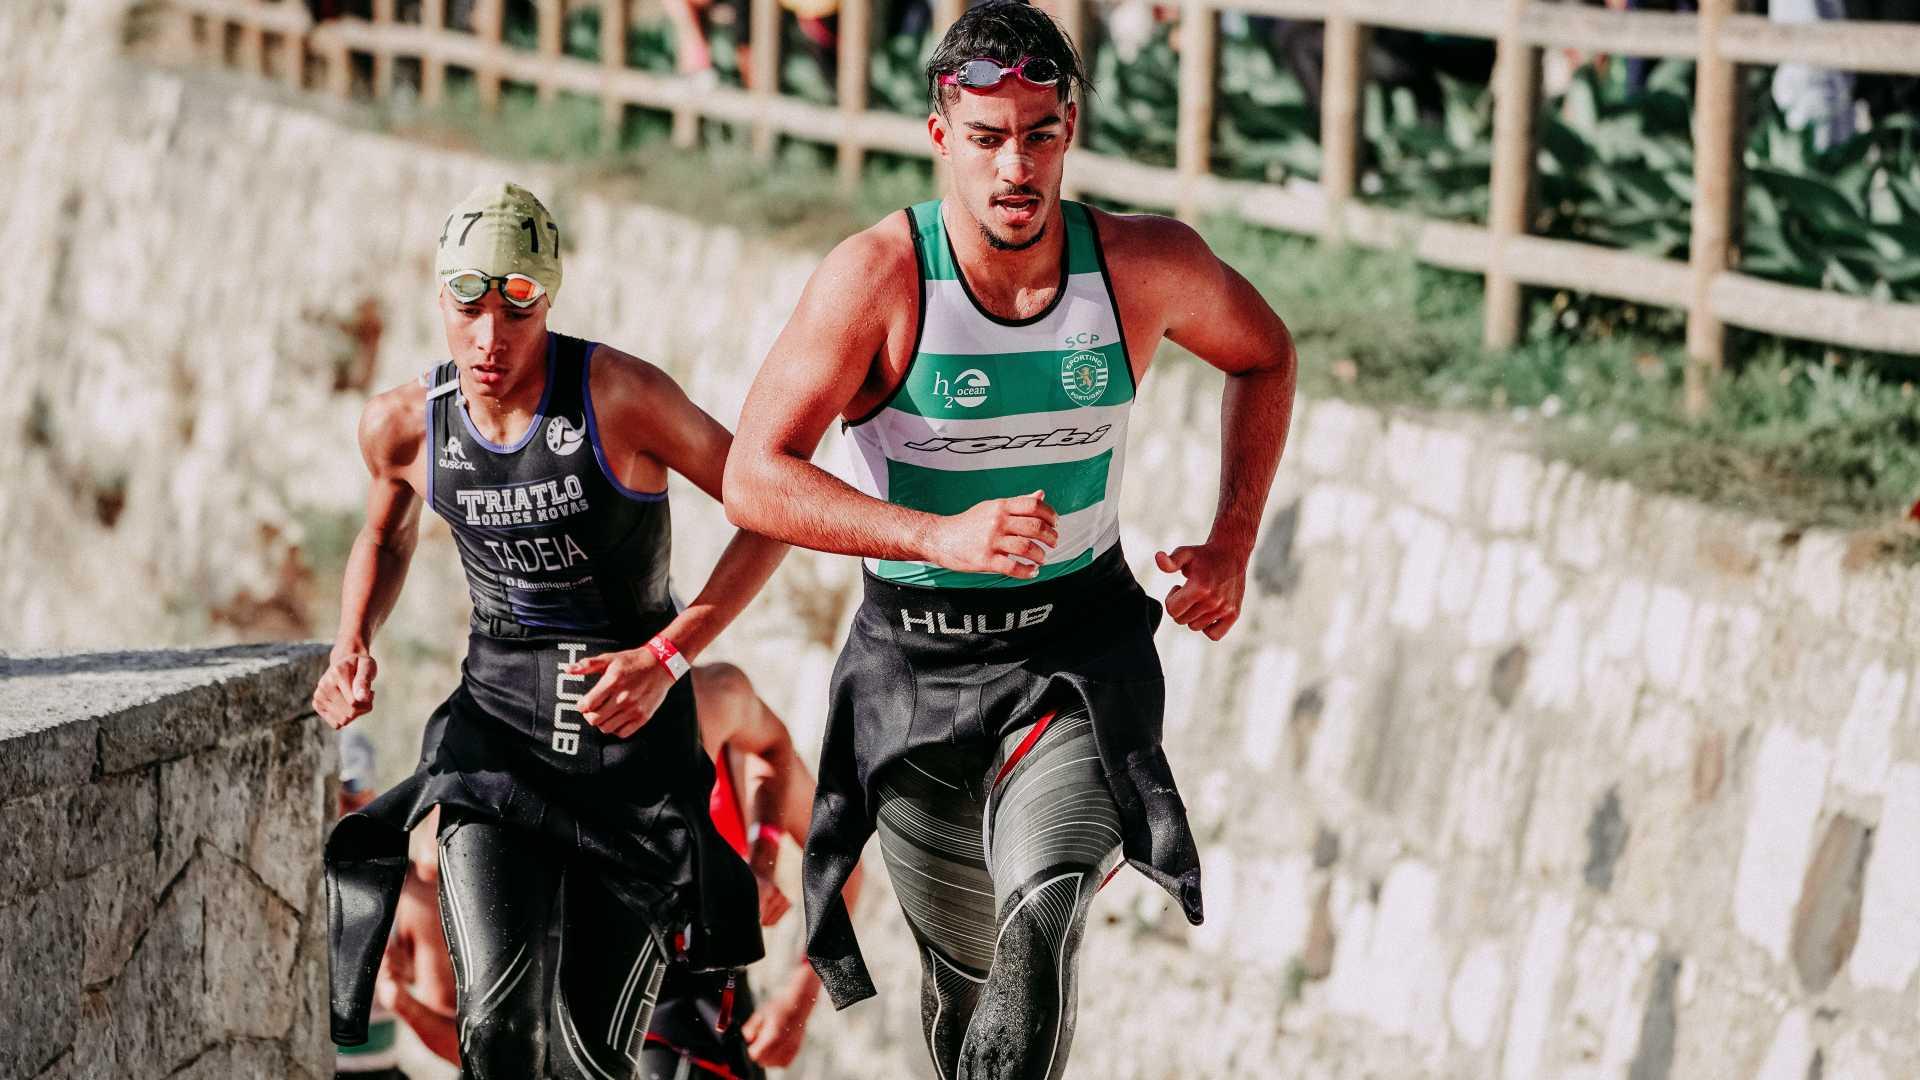 Javítsd futásodat BCAA-val!<br>A triatlon befutójánál a BCAA segít, hogy ne merevedjenek el az izmaink